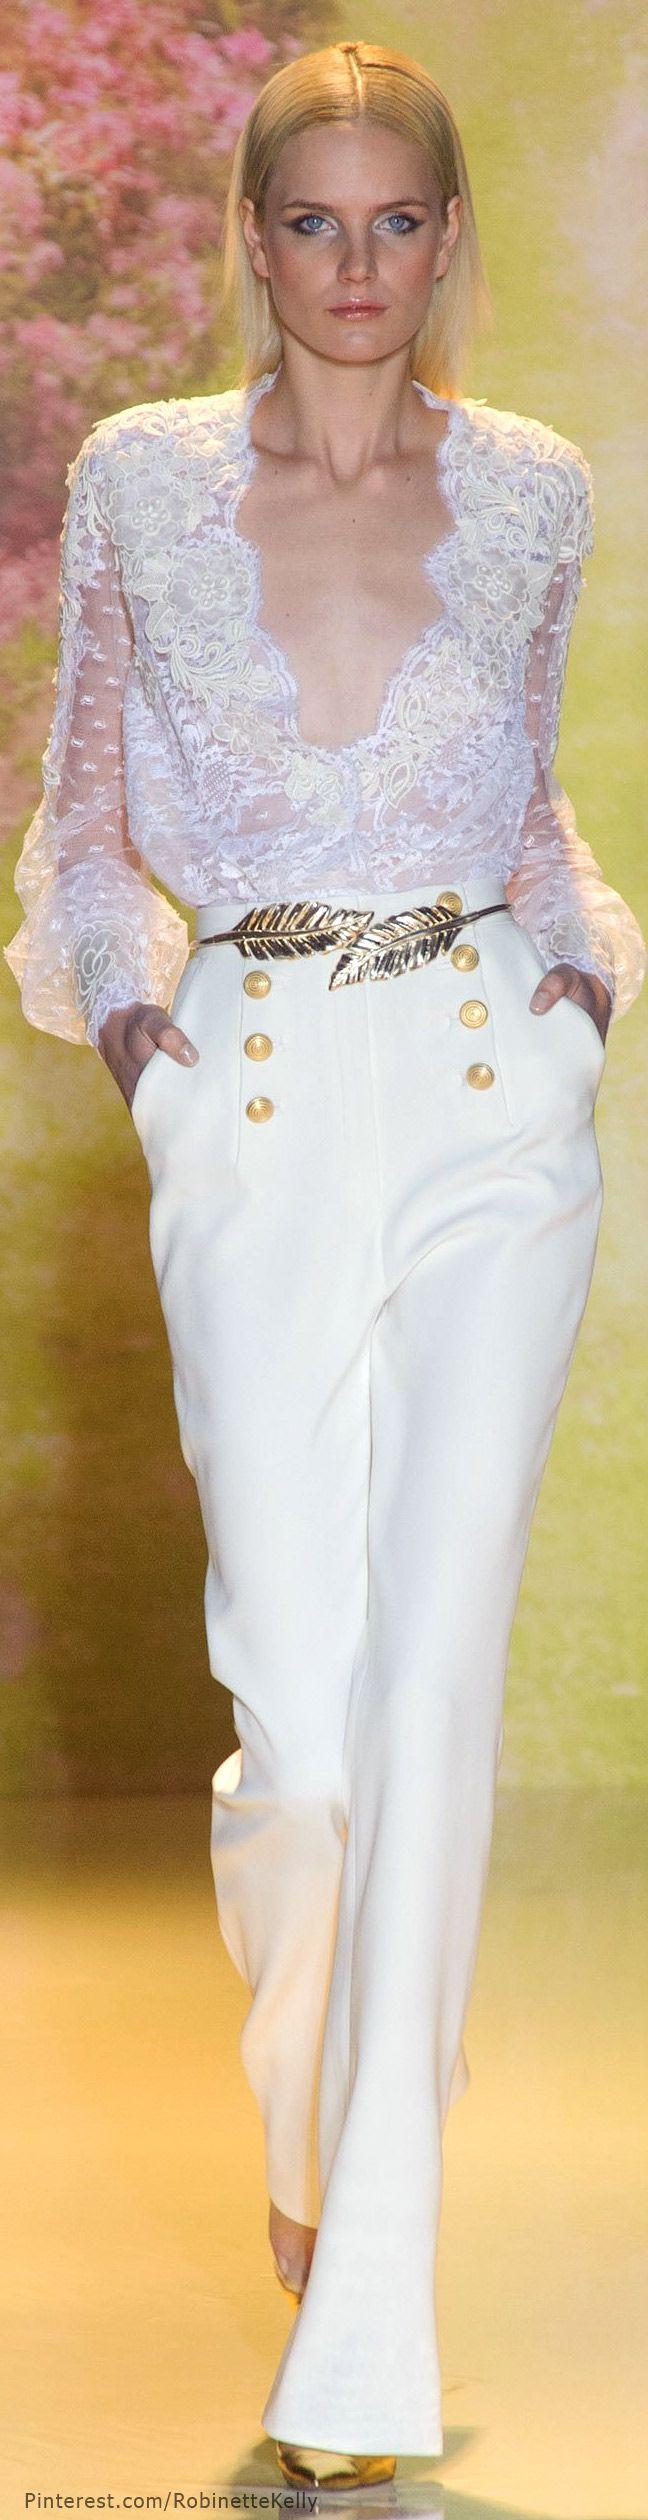 Défilé Zuhair Murad Haute Couture printemps-été 2014